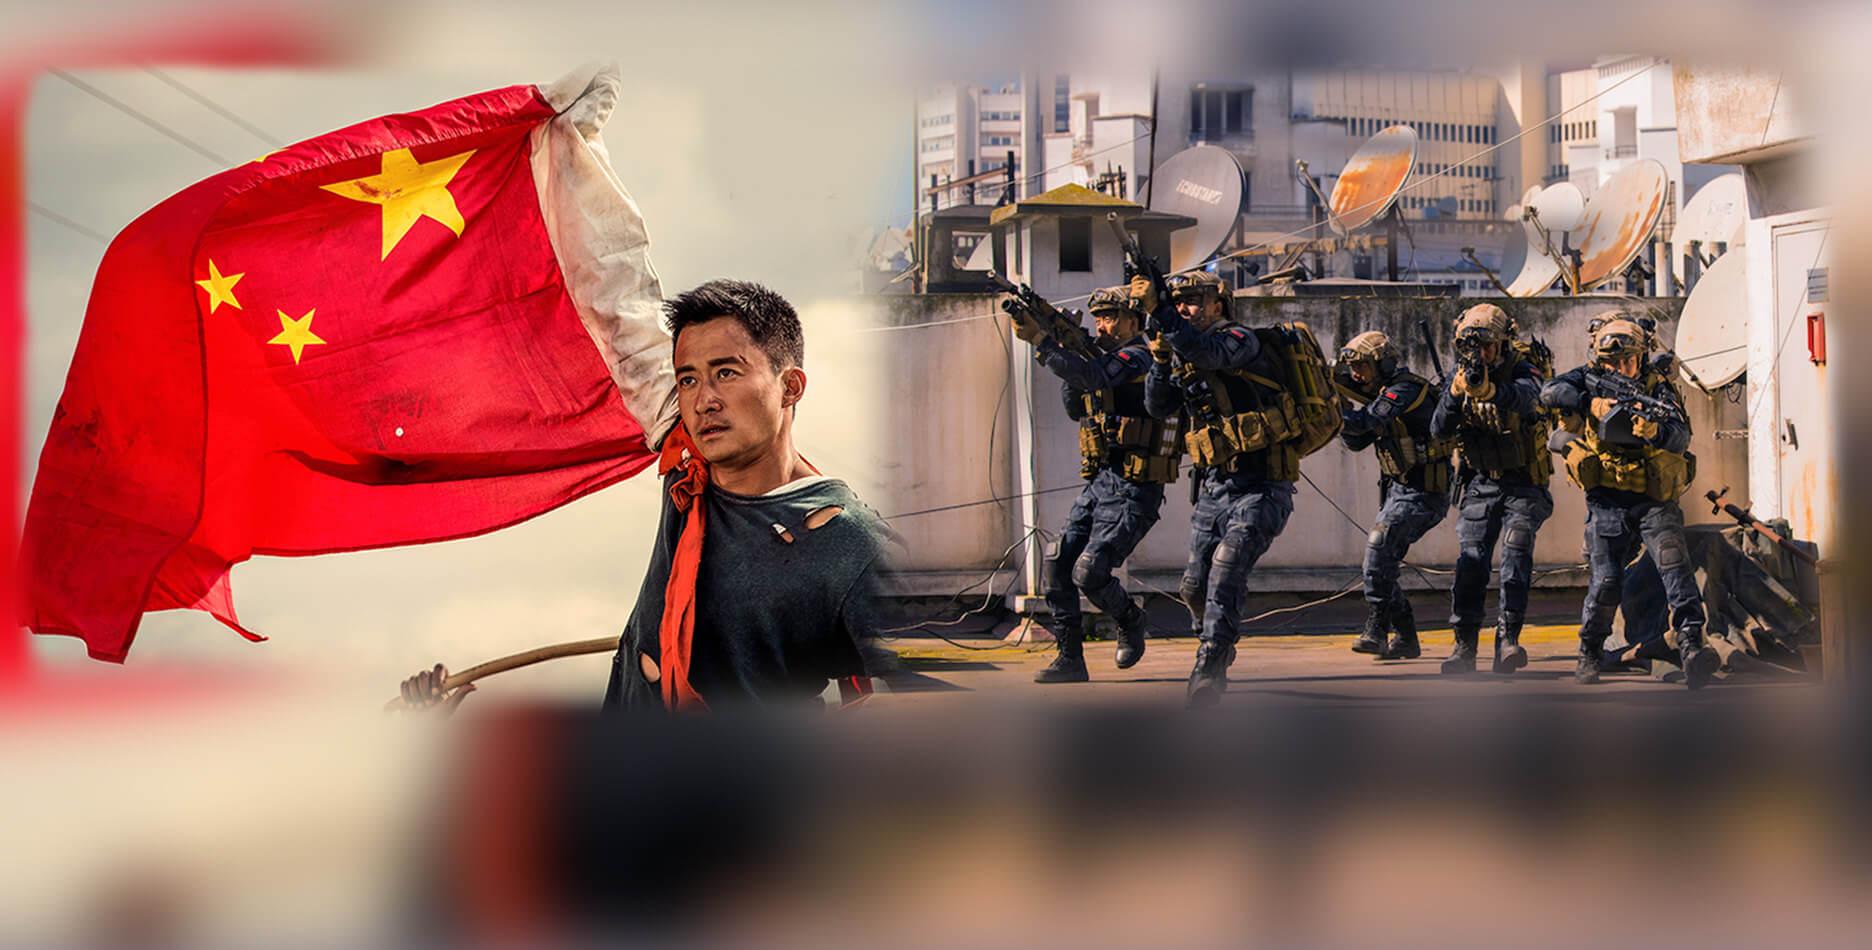 这是第一部真正的中国现代战争片!